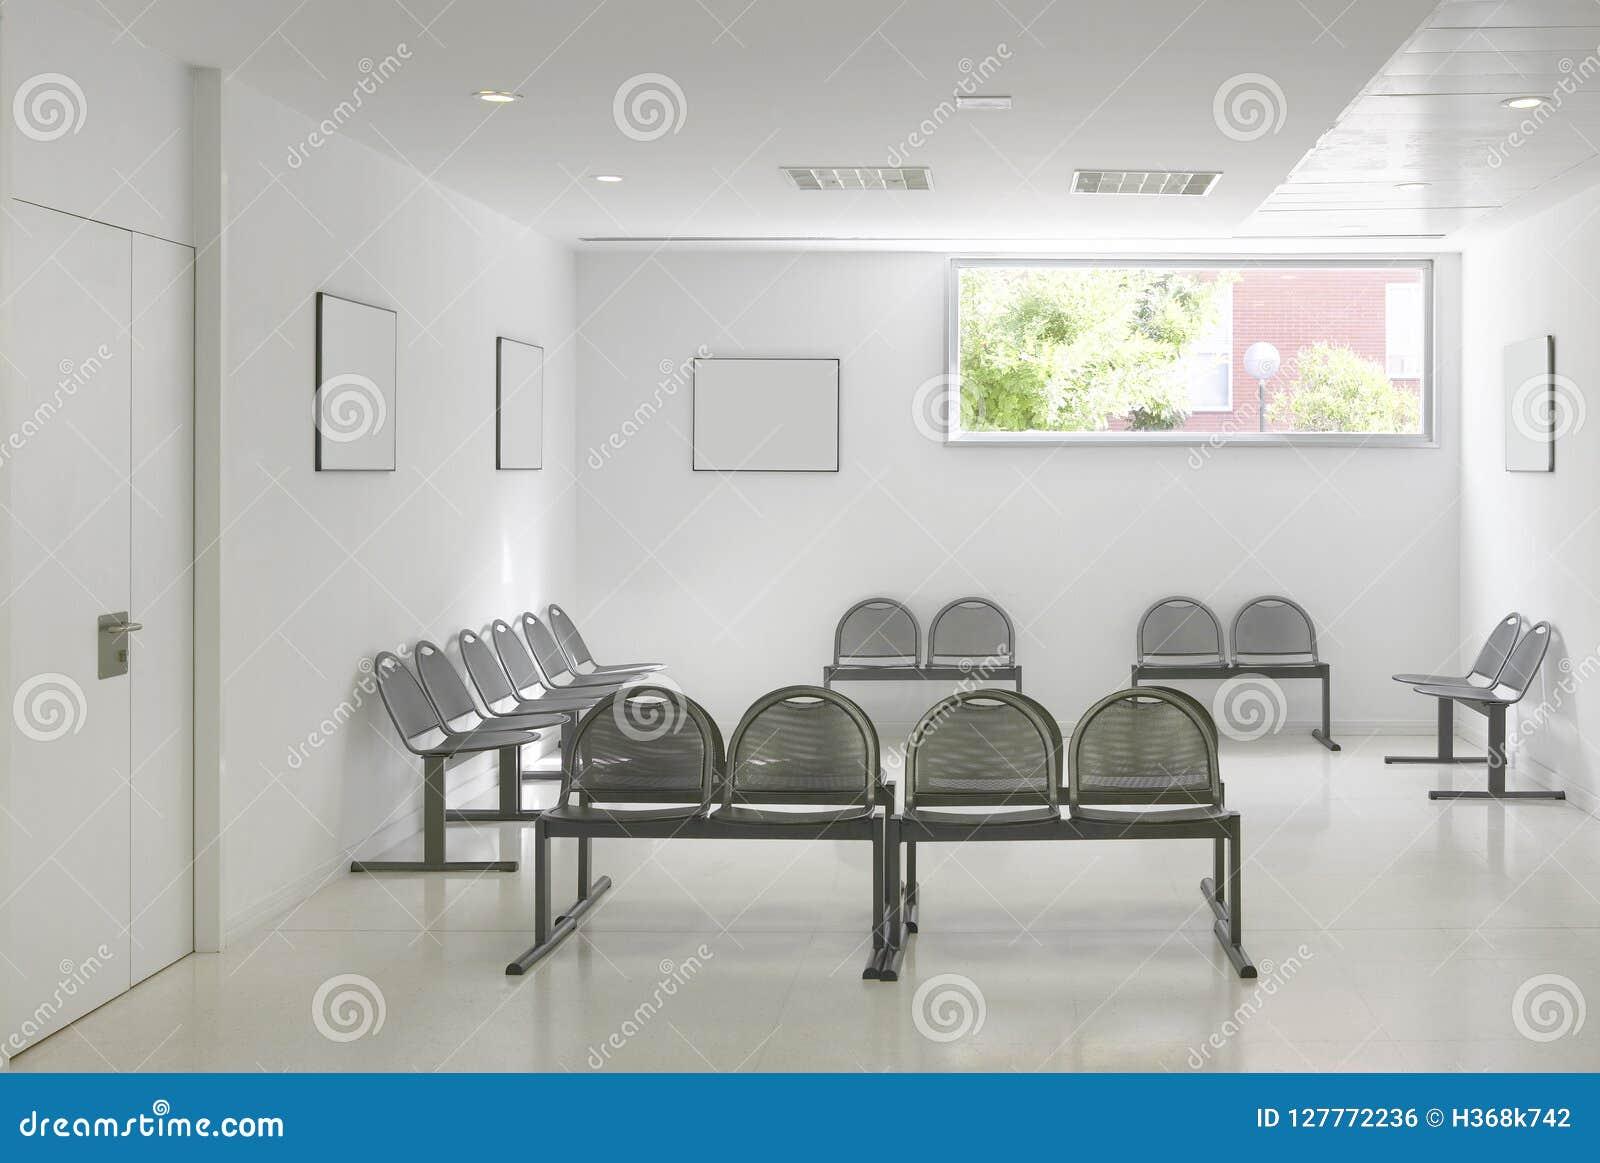 公共建筑等候室 医院内部细节 没人